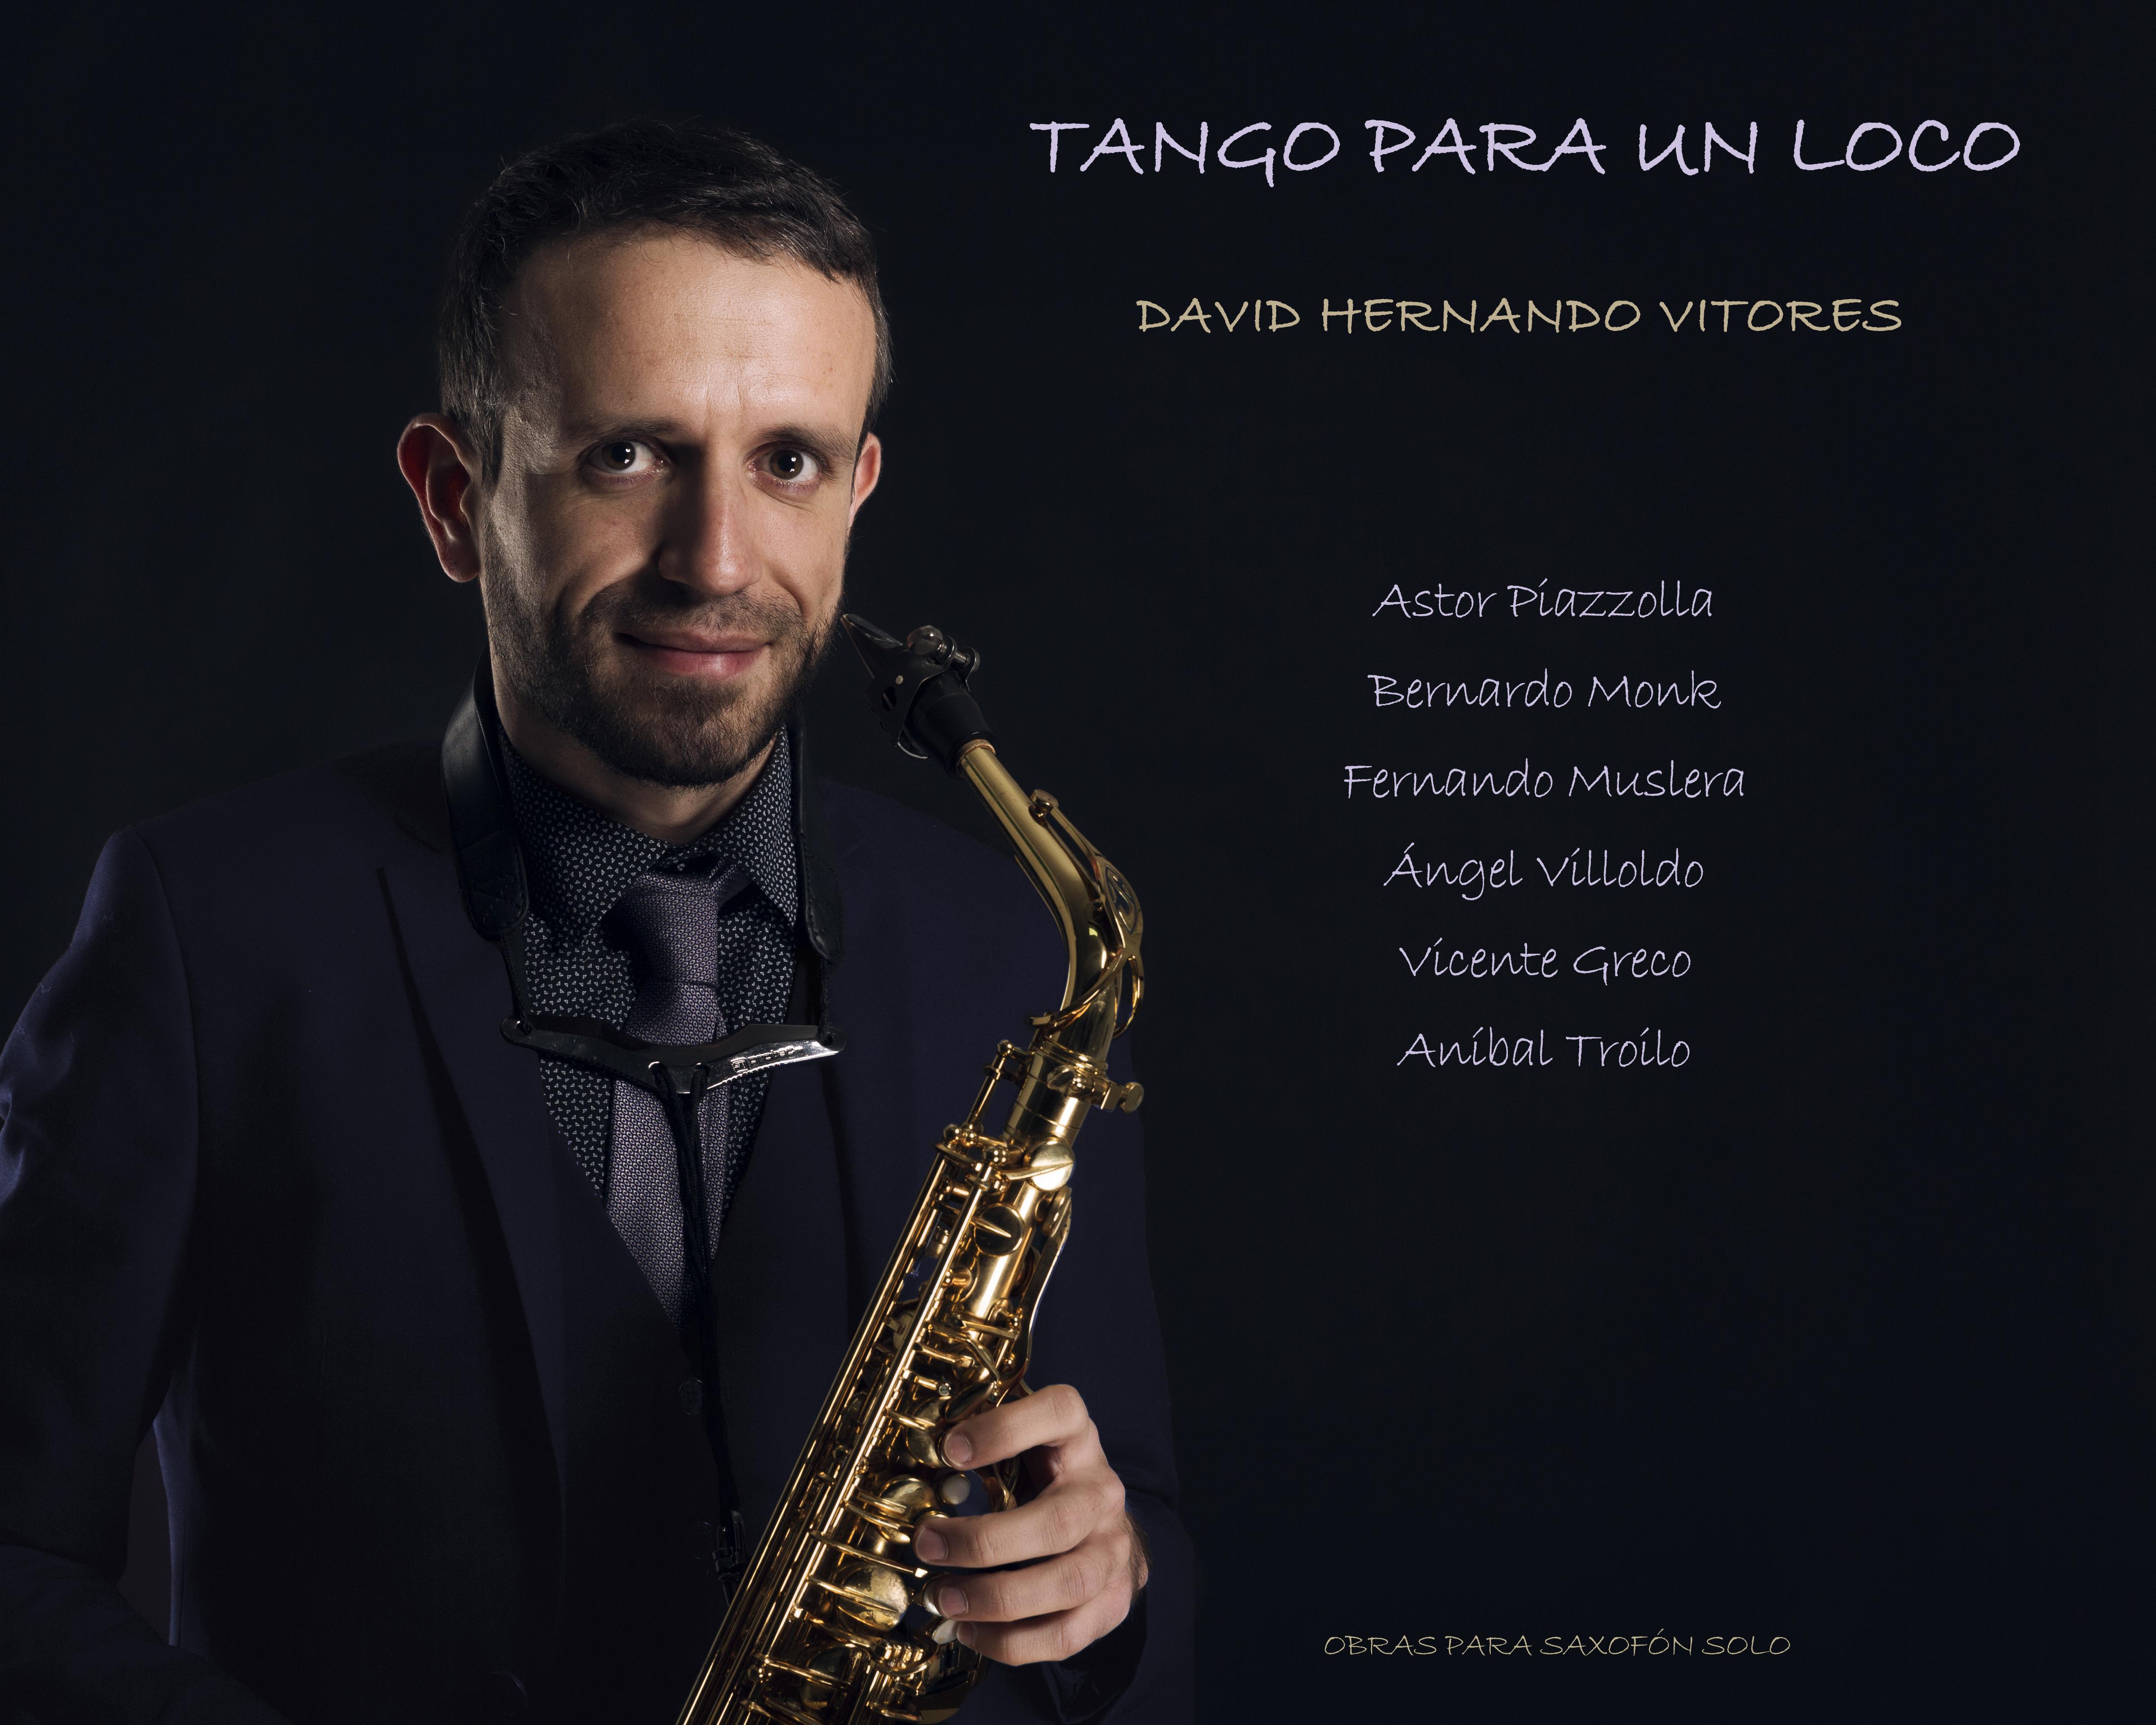 Tango para un Loco. David Hernando